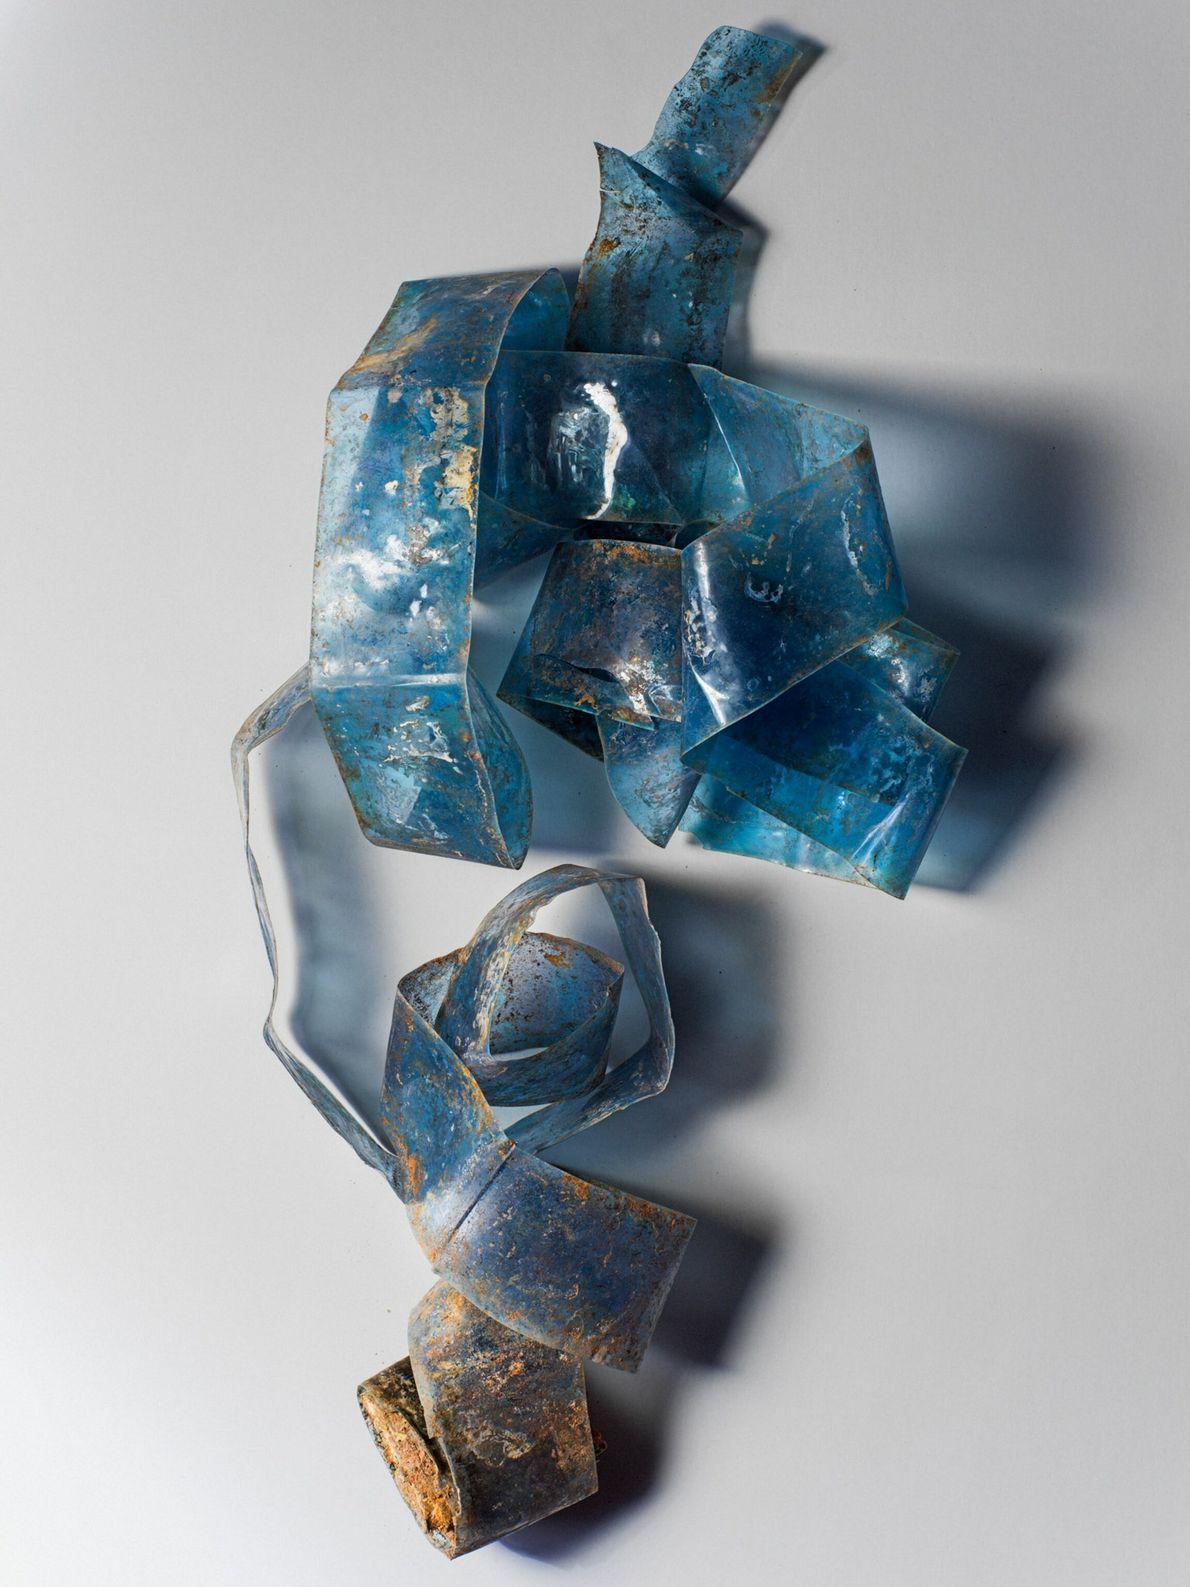 Certains objets autrefois banals semblent aujourd'hui presque désuets mais poignants. Un rouleau de plastique a été ...